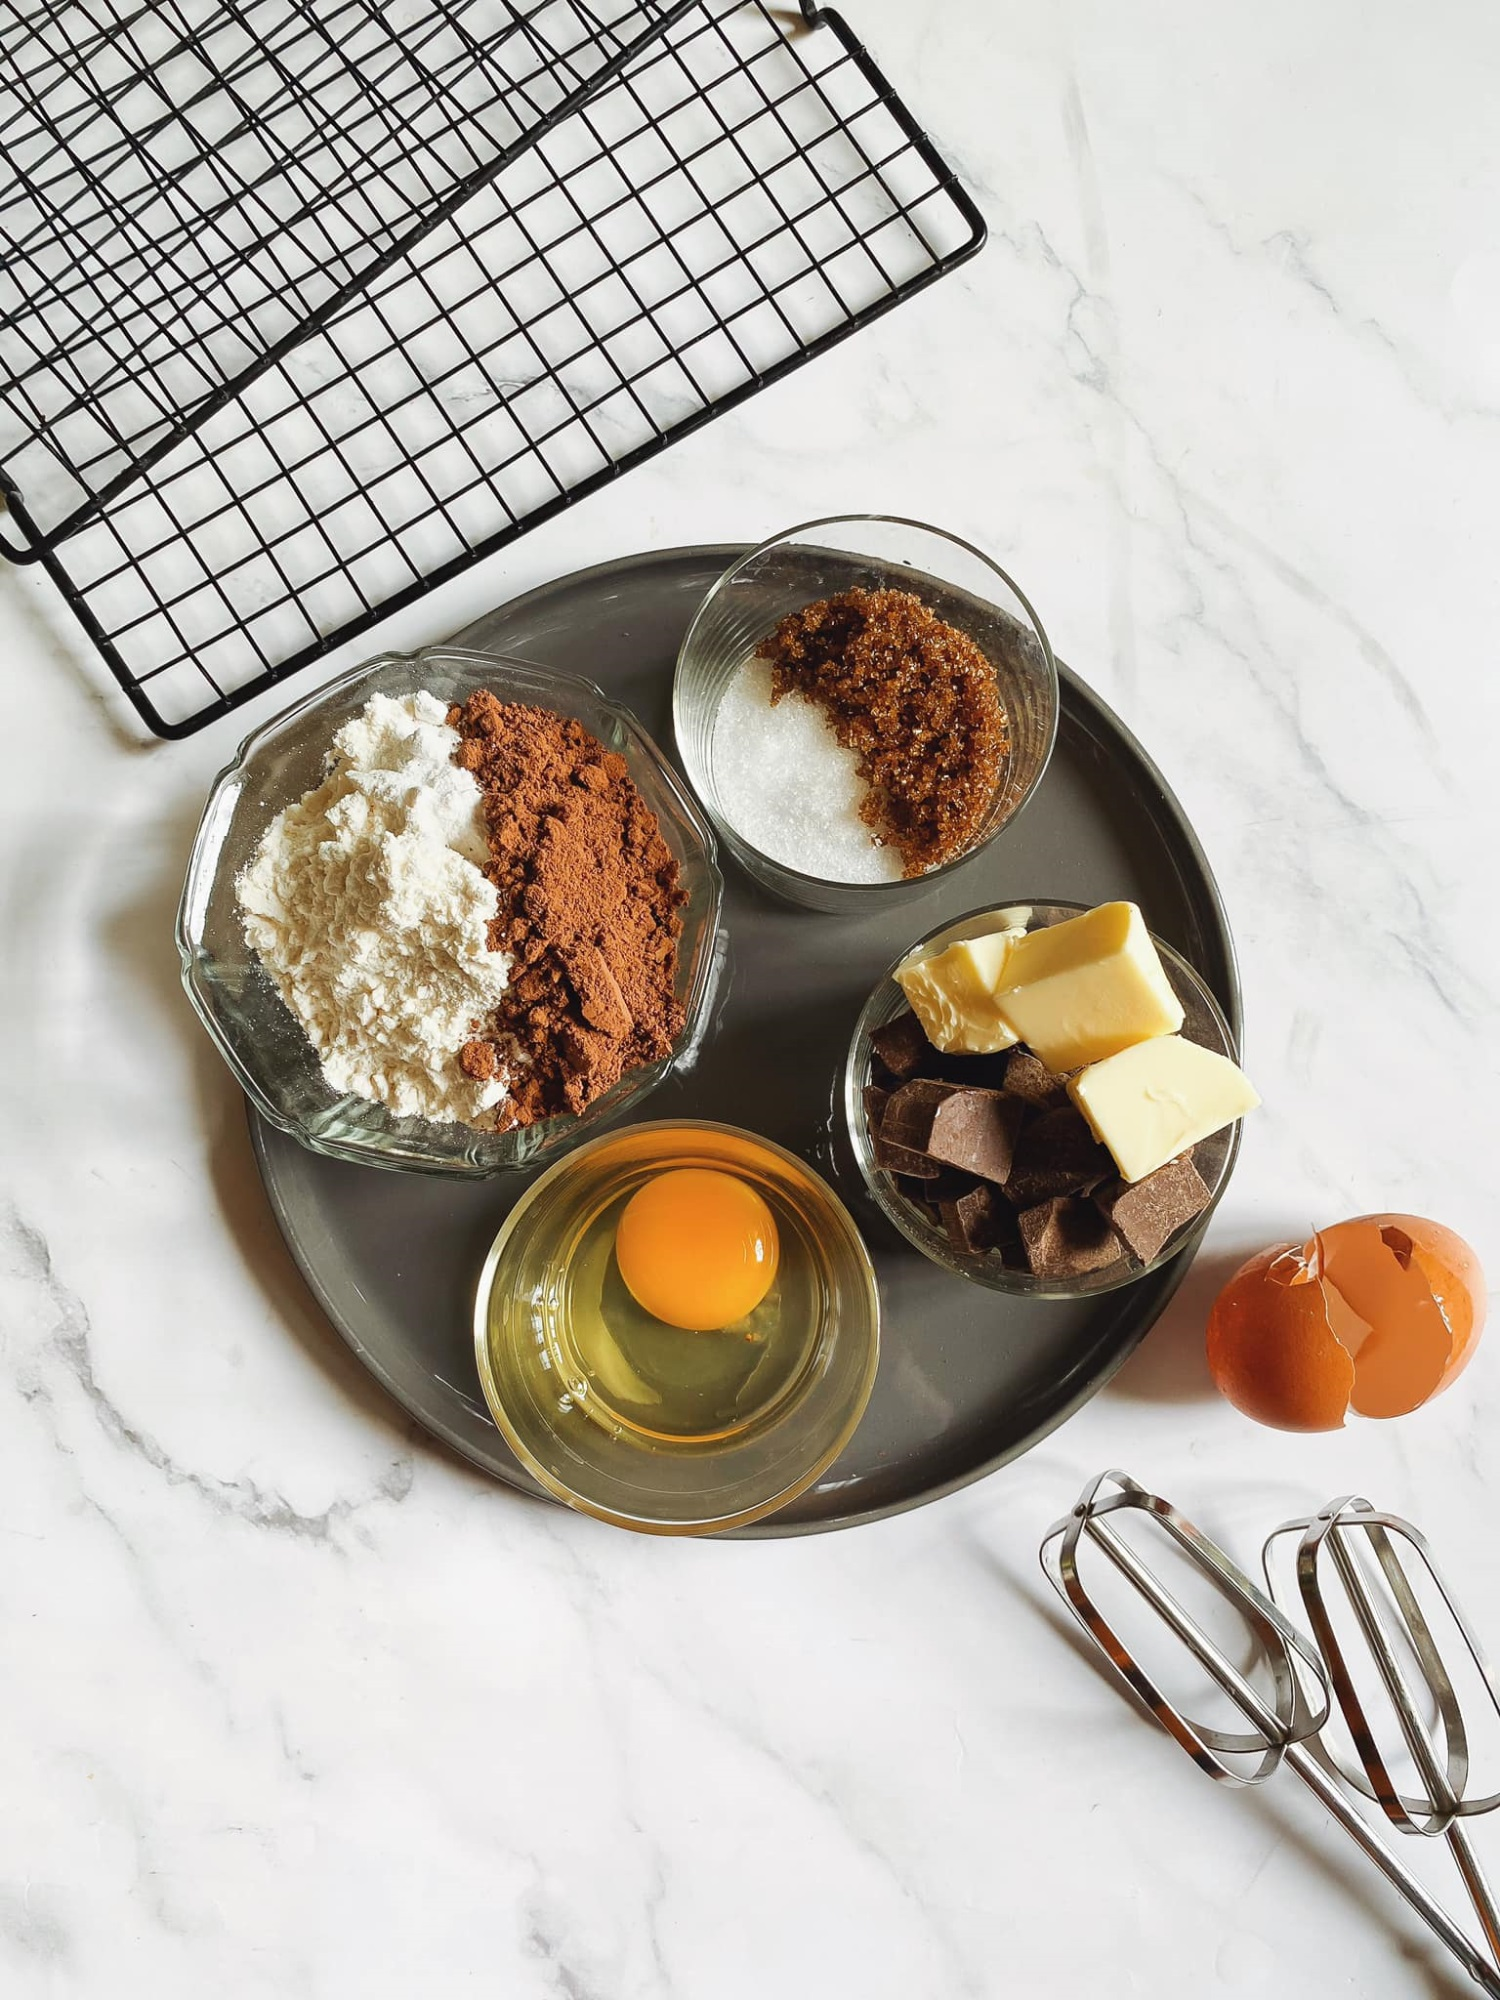 Biến cuộc sống nhàm chán ở nhà trở nên thú vị, 'ngọt lịm' với món bánh quy 'Brownie quái vật', trẻ thì thích chồng thì khen ngon - Ảnh 2